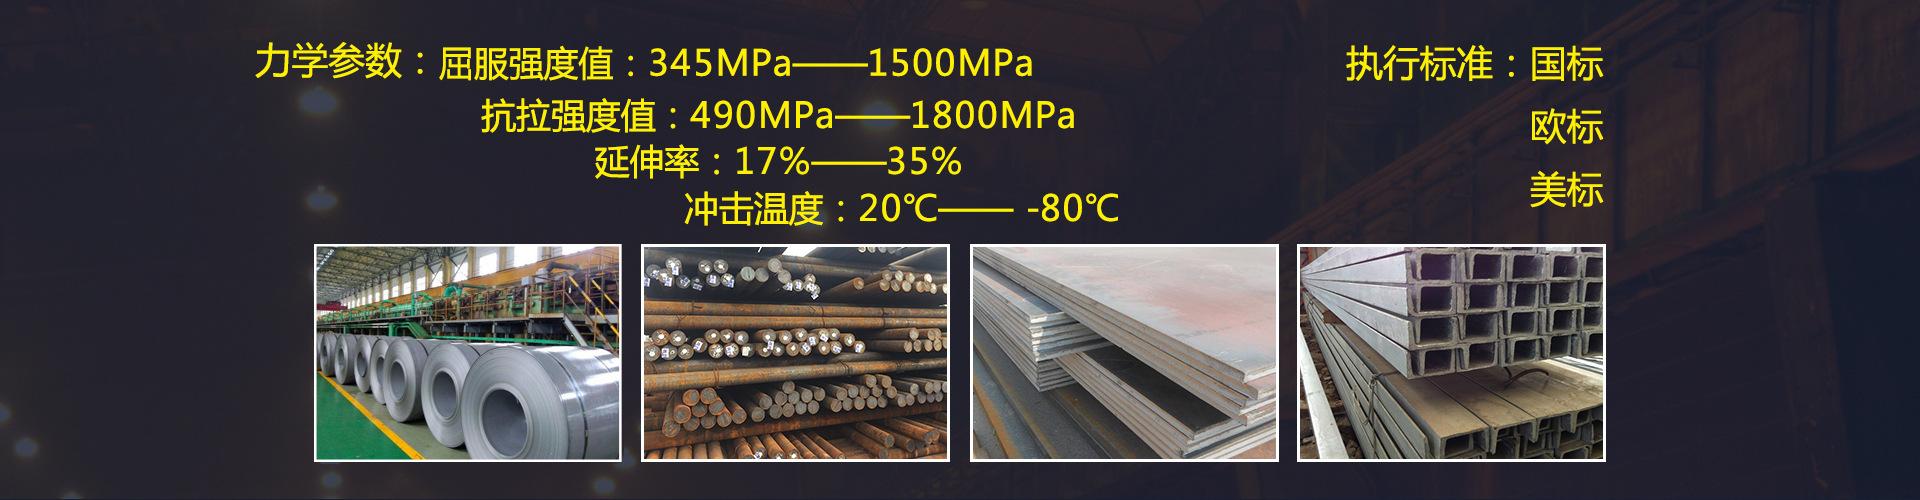 无锡北铭高强度钢材有限公司